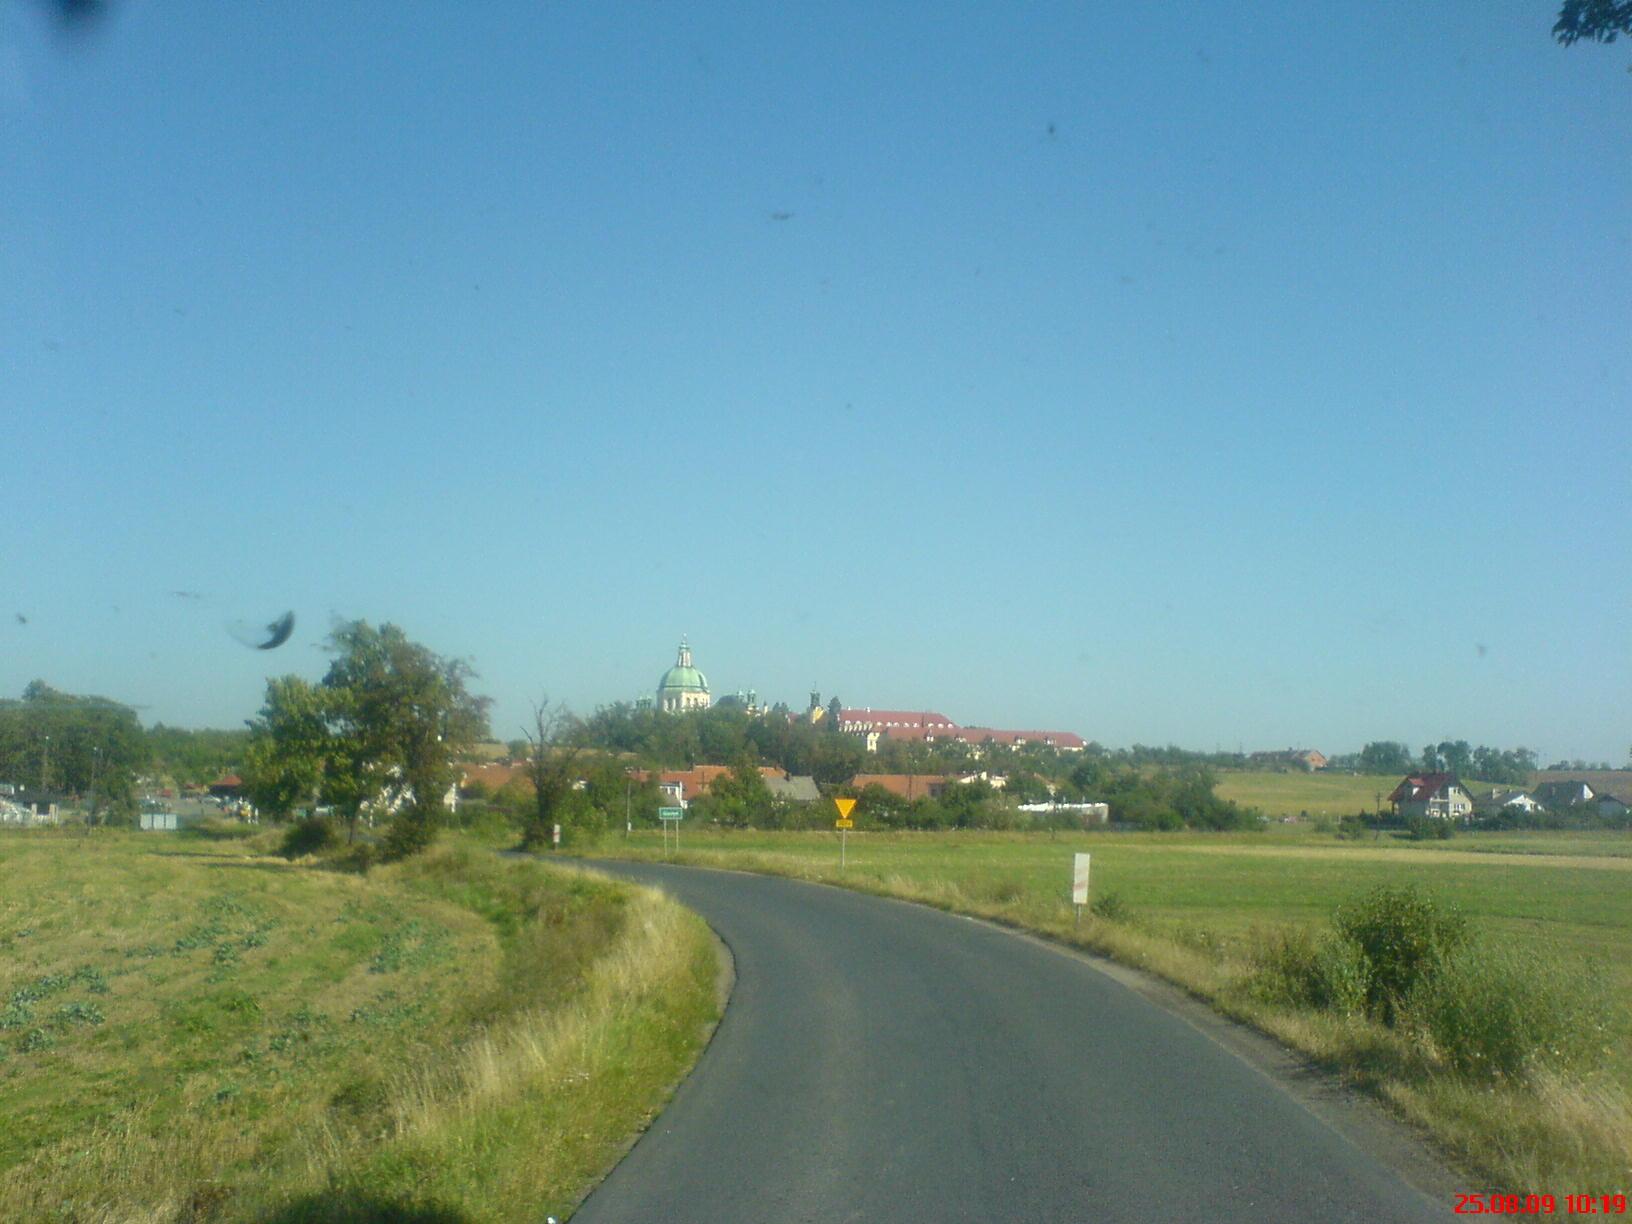 Landstrasse in Polen